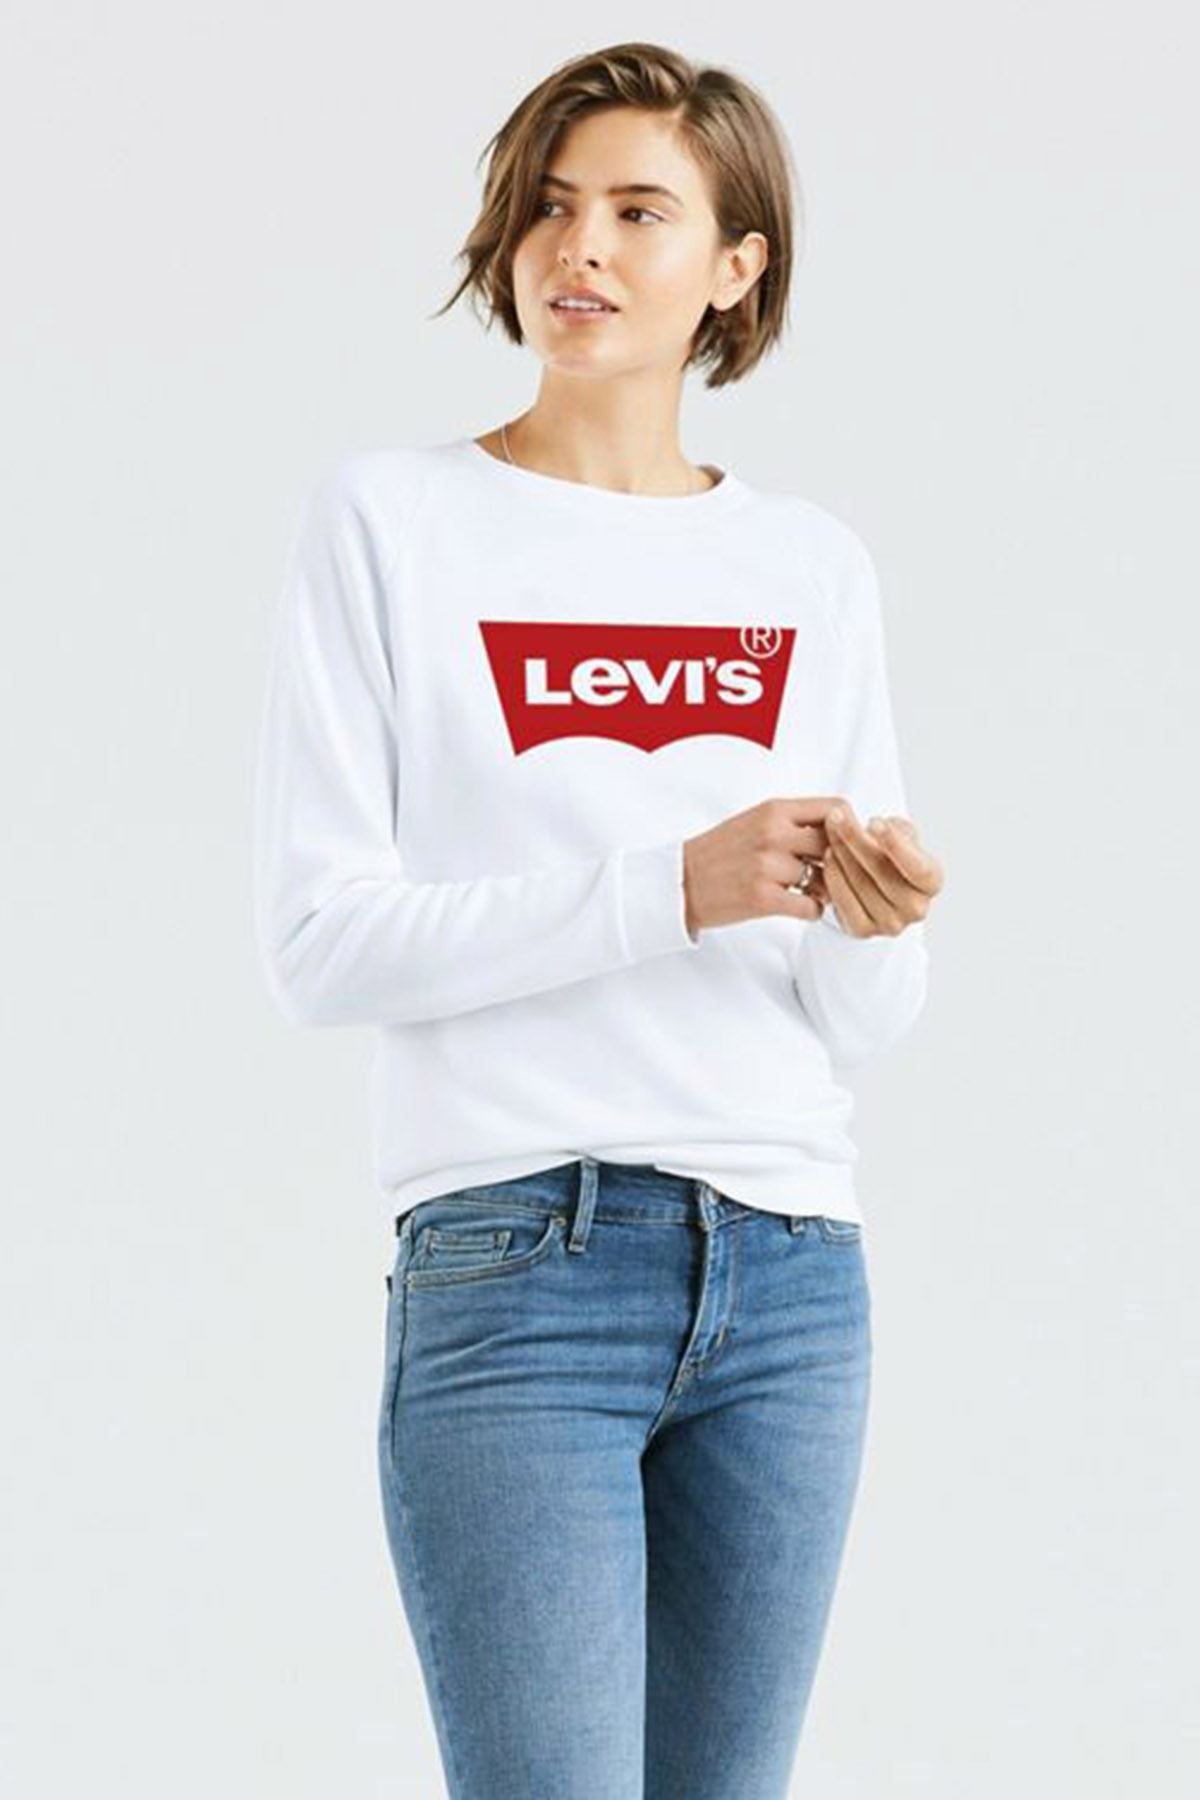 Levi's Kadın Sweatshirt 29717-0063 1